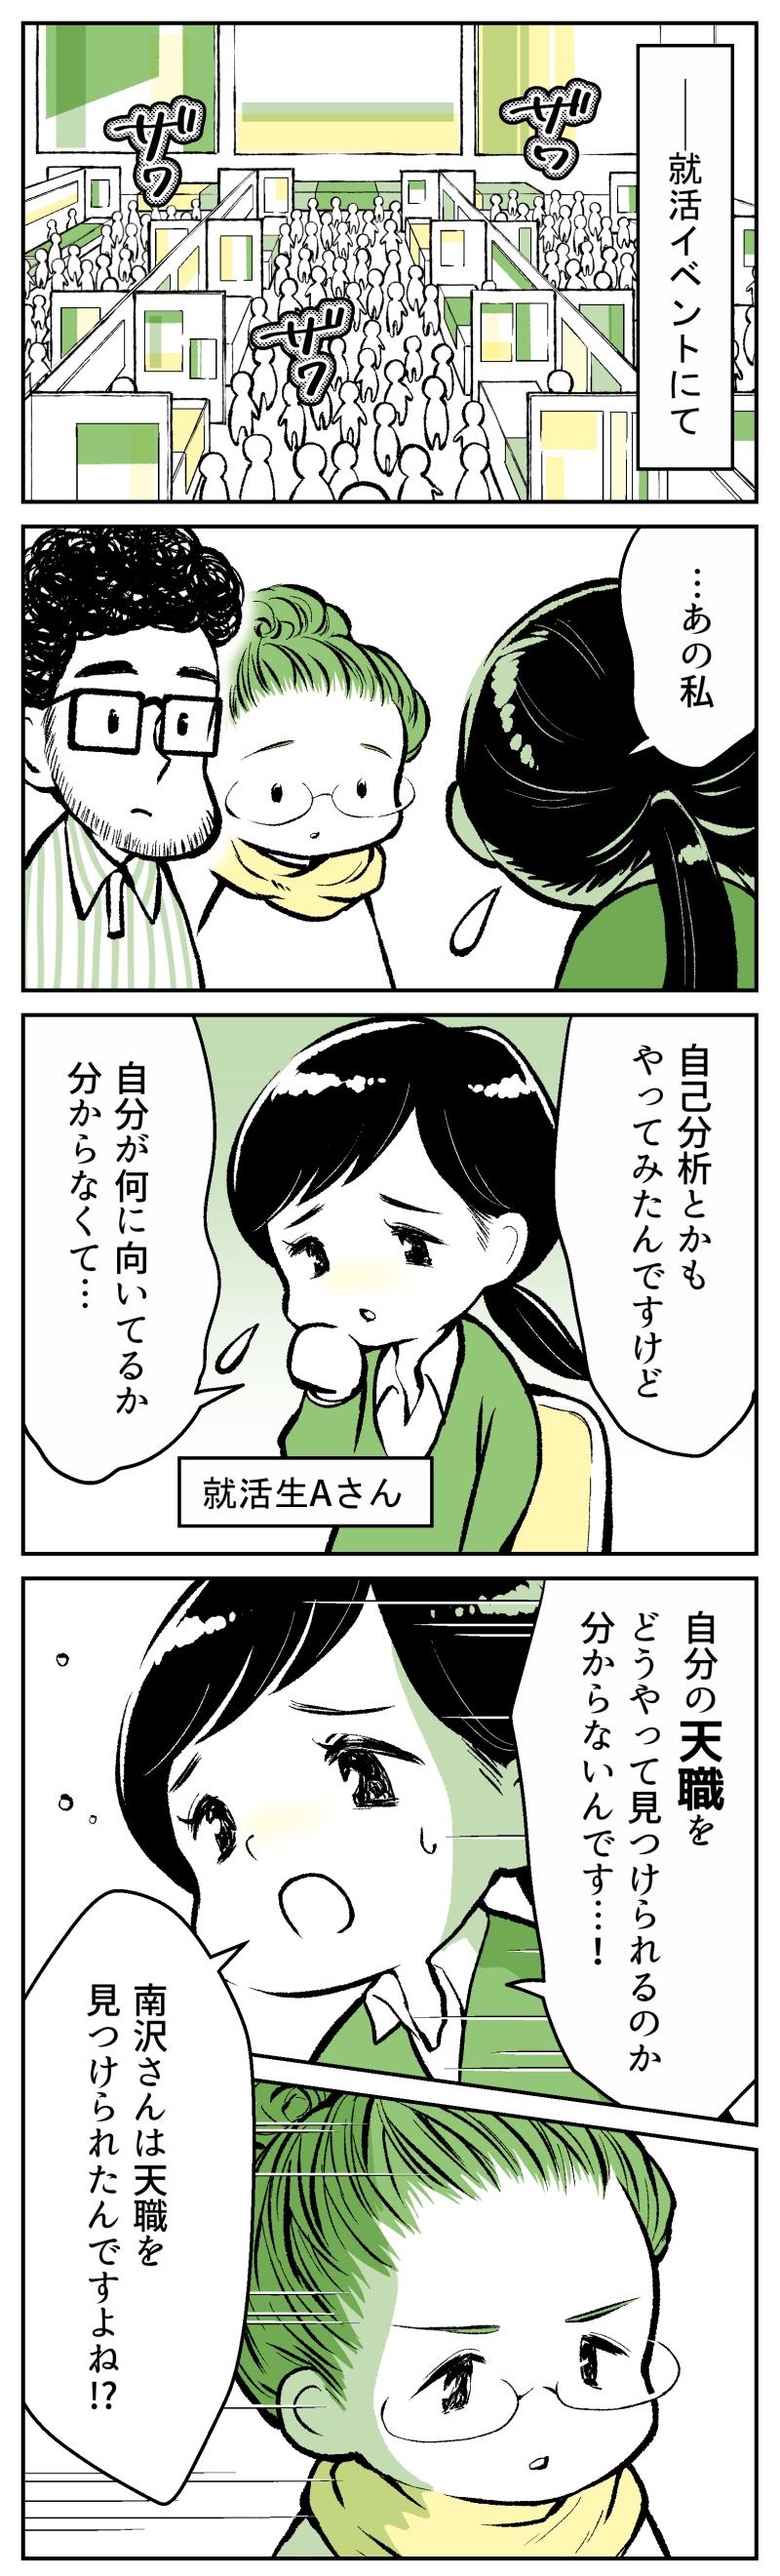 伯爵3話_001.jpg